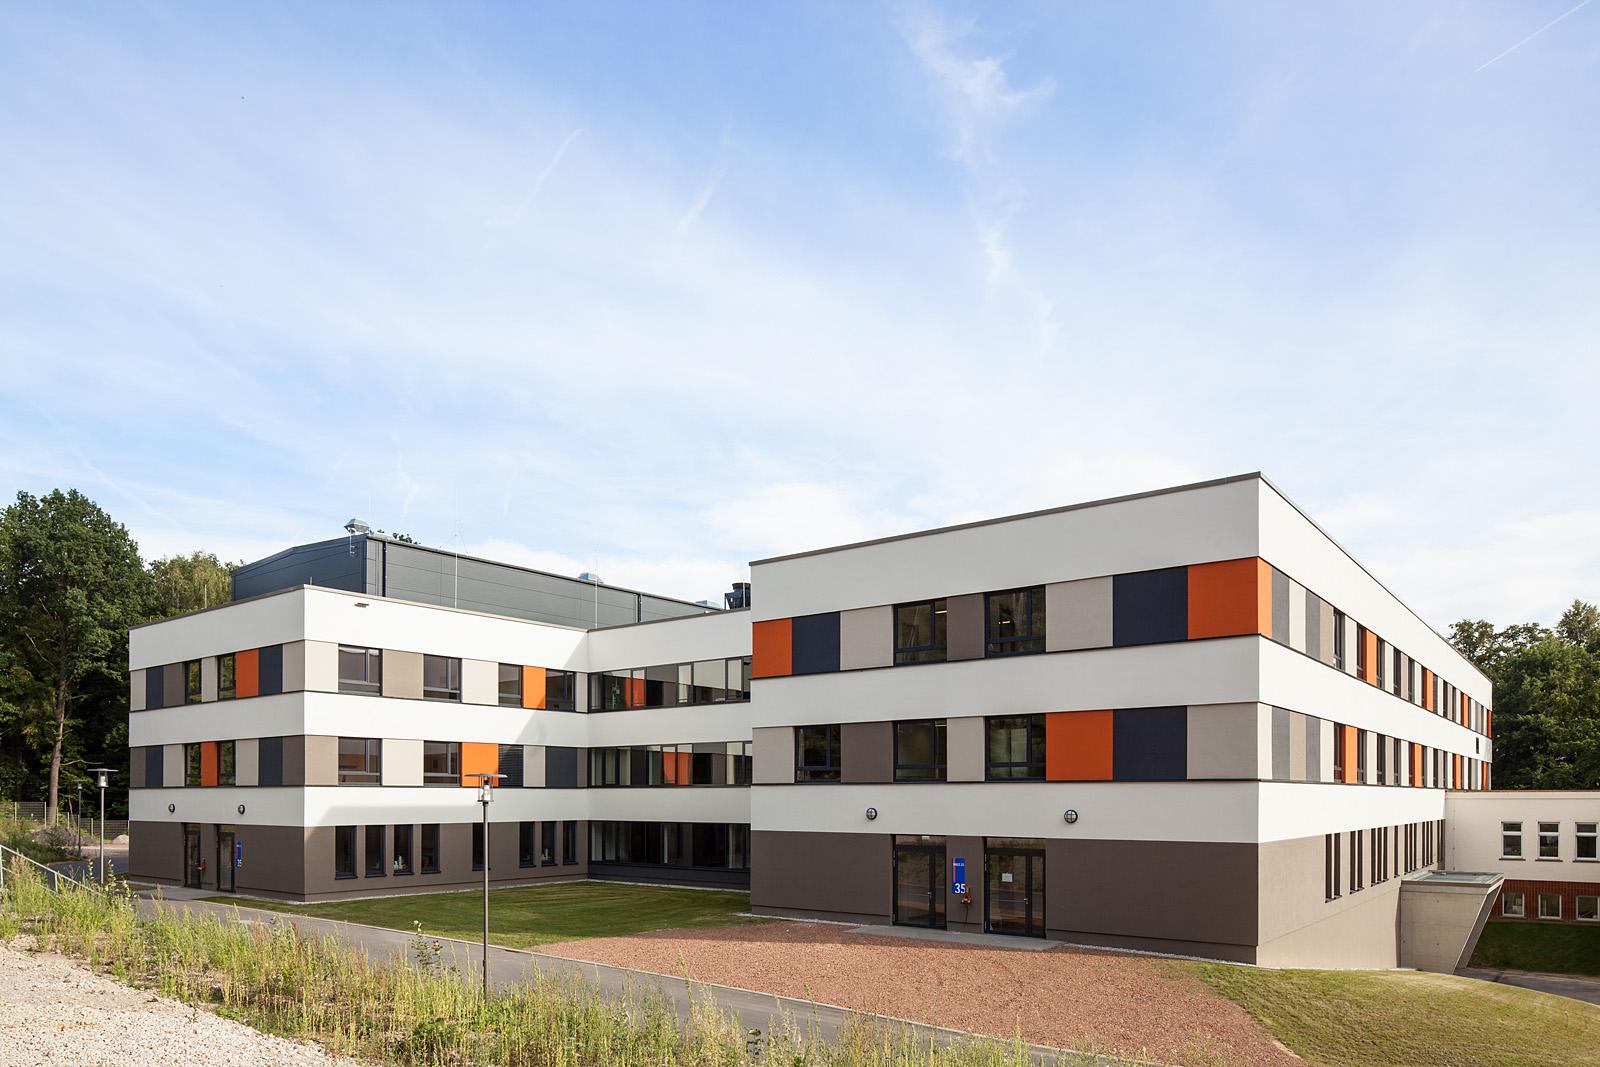 Onkologisches Zentrum, Chemnitz